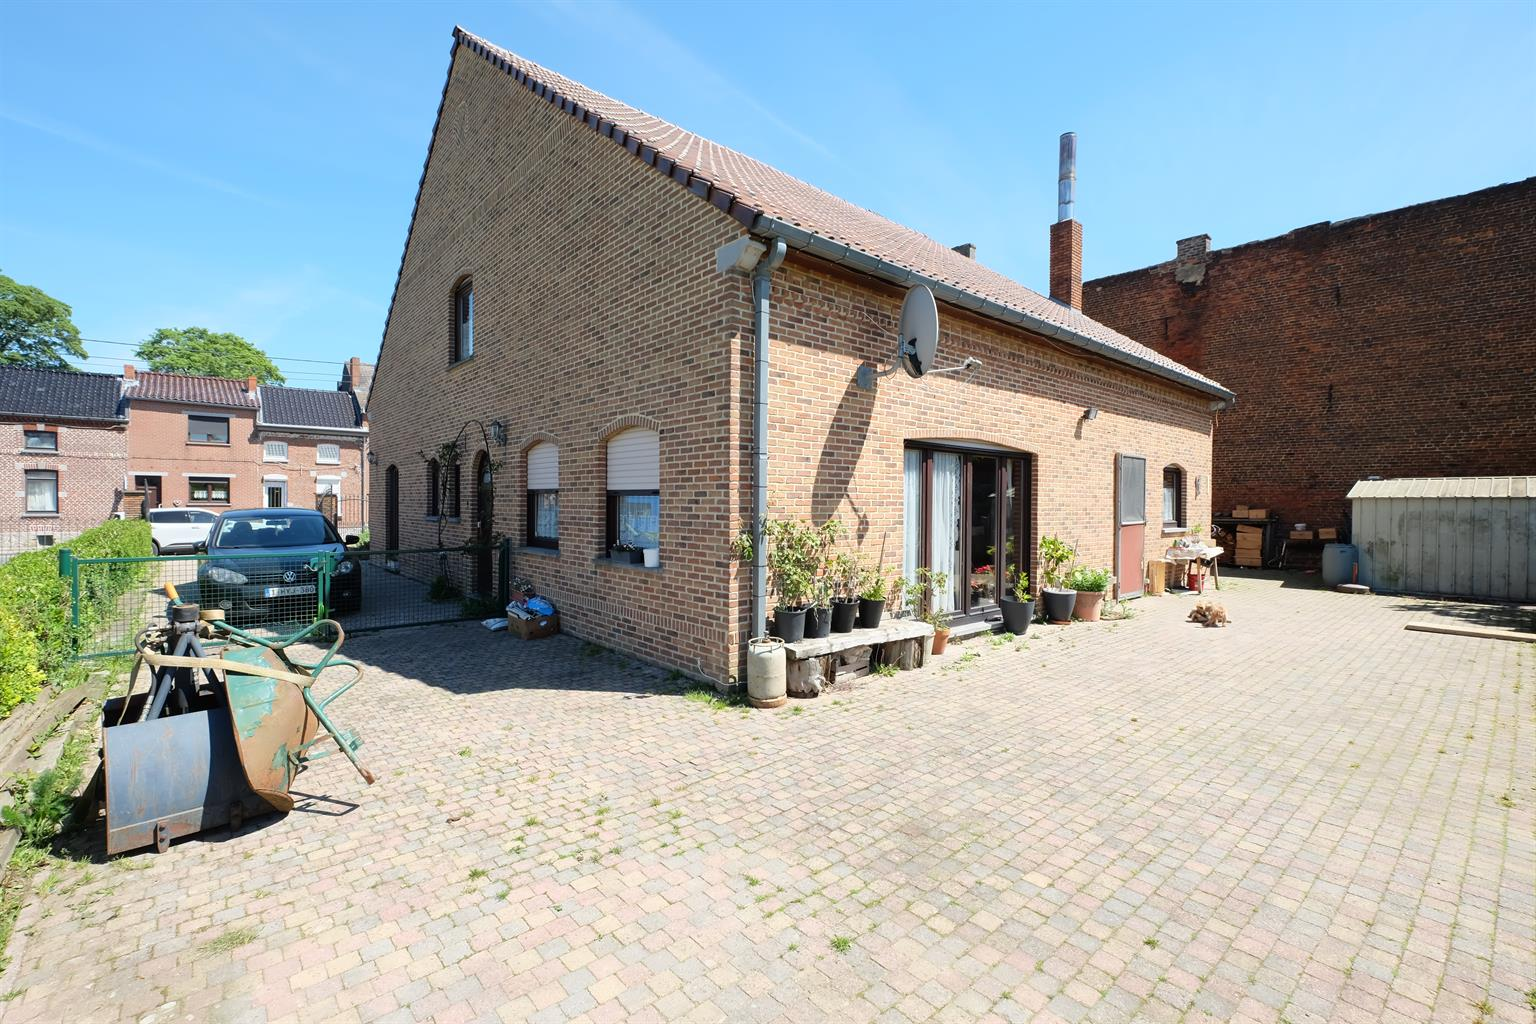 Maison - Braine-le-Comte - #3757289-15